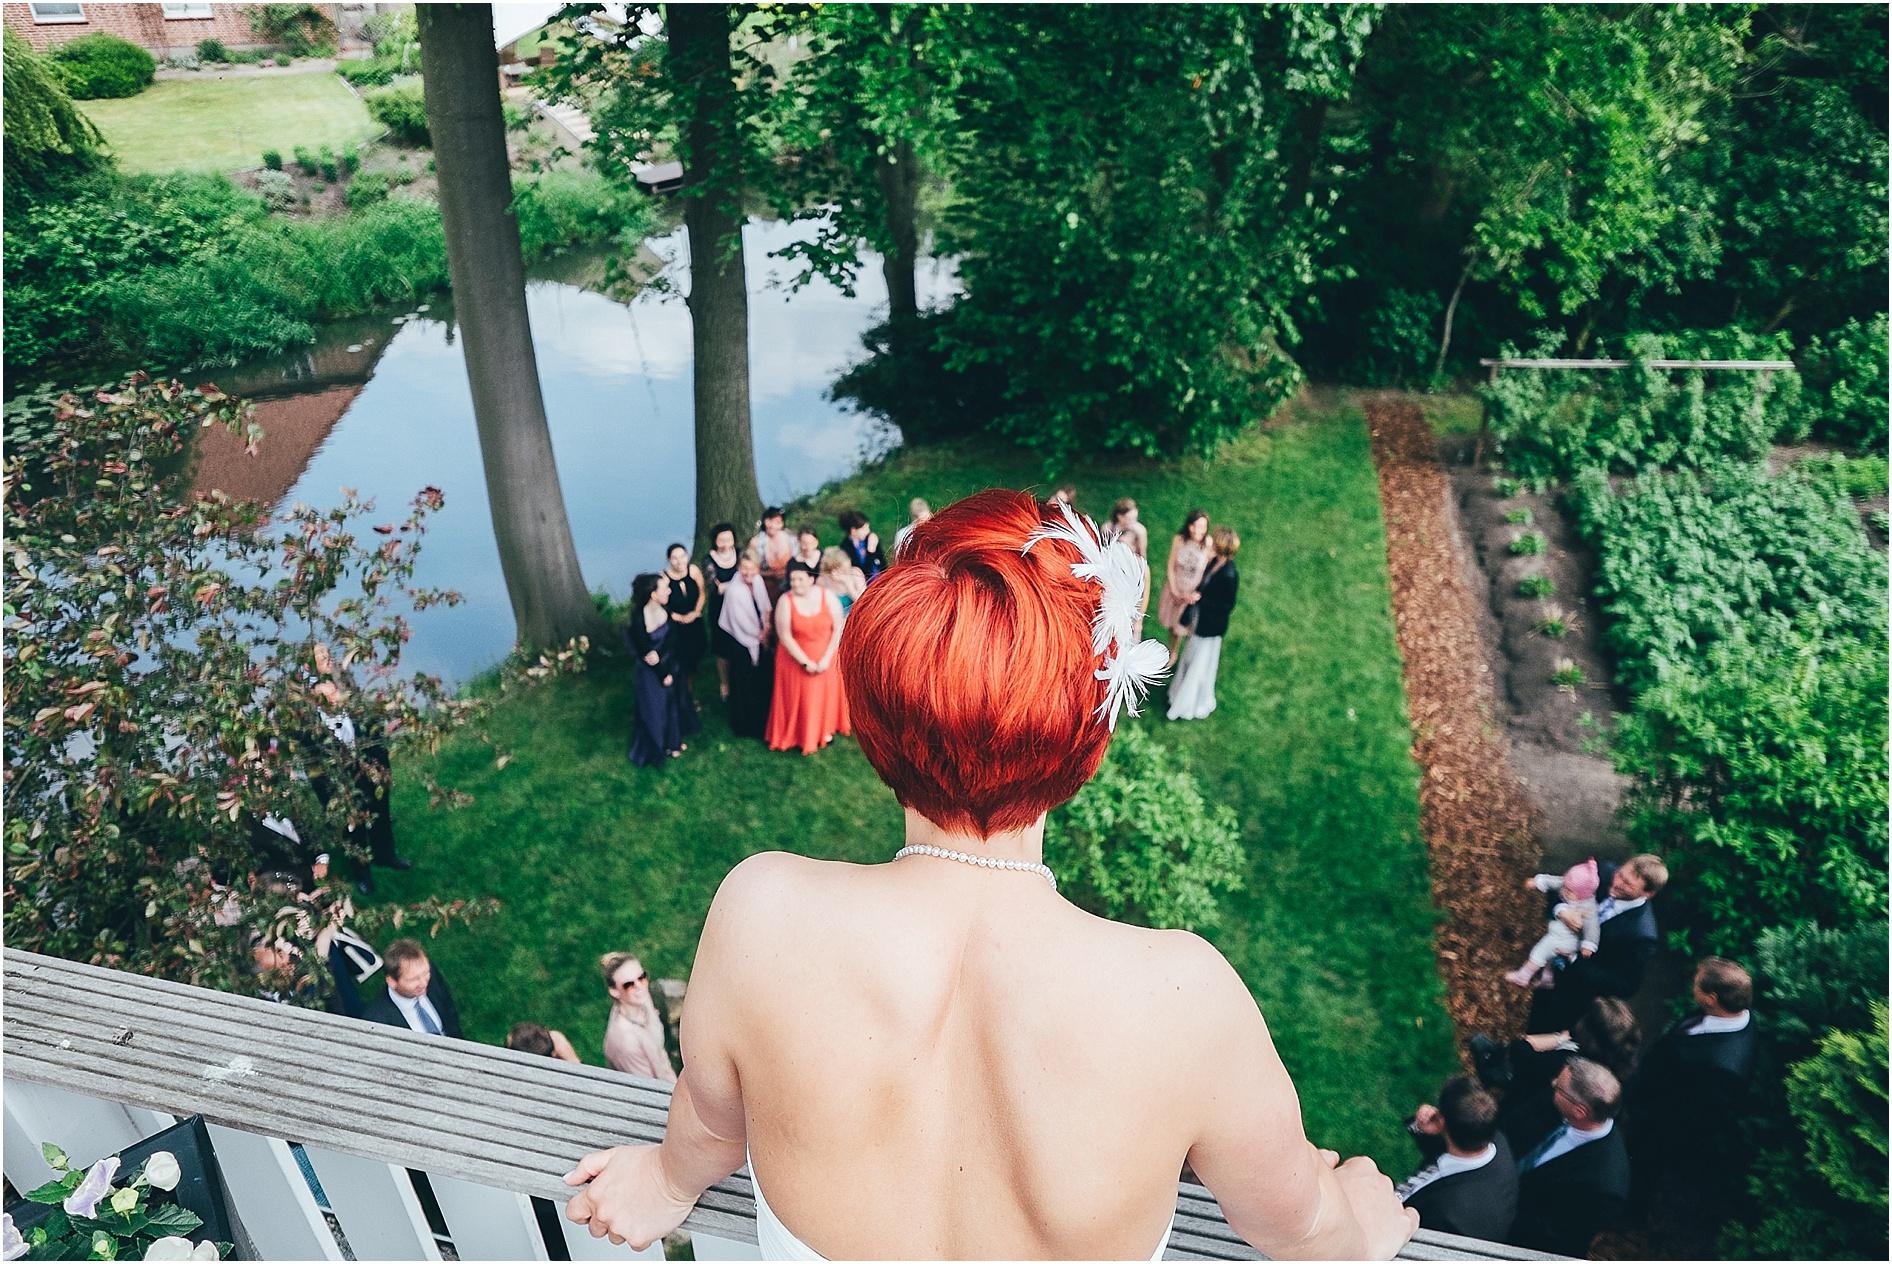 2015-10-27_0068 Tine & Chrischan - Hochzeitsfilm & Fotos in Lüneburg